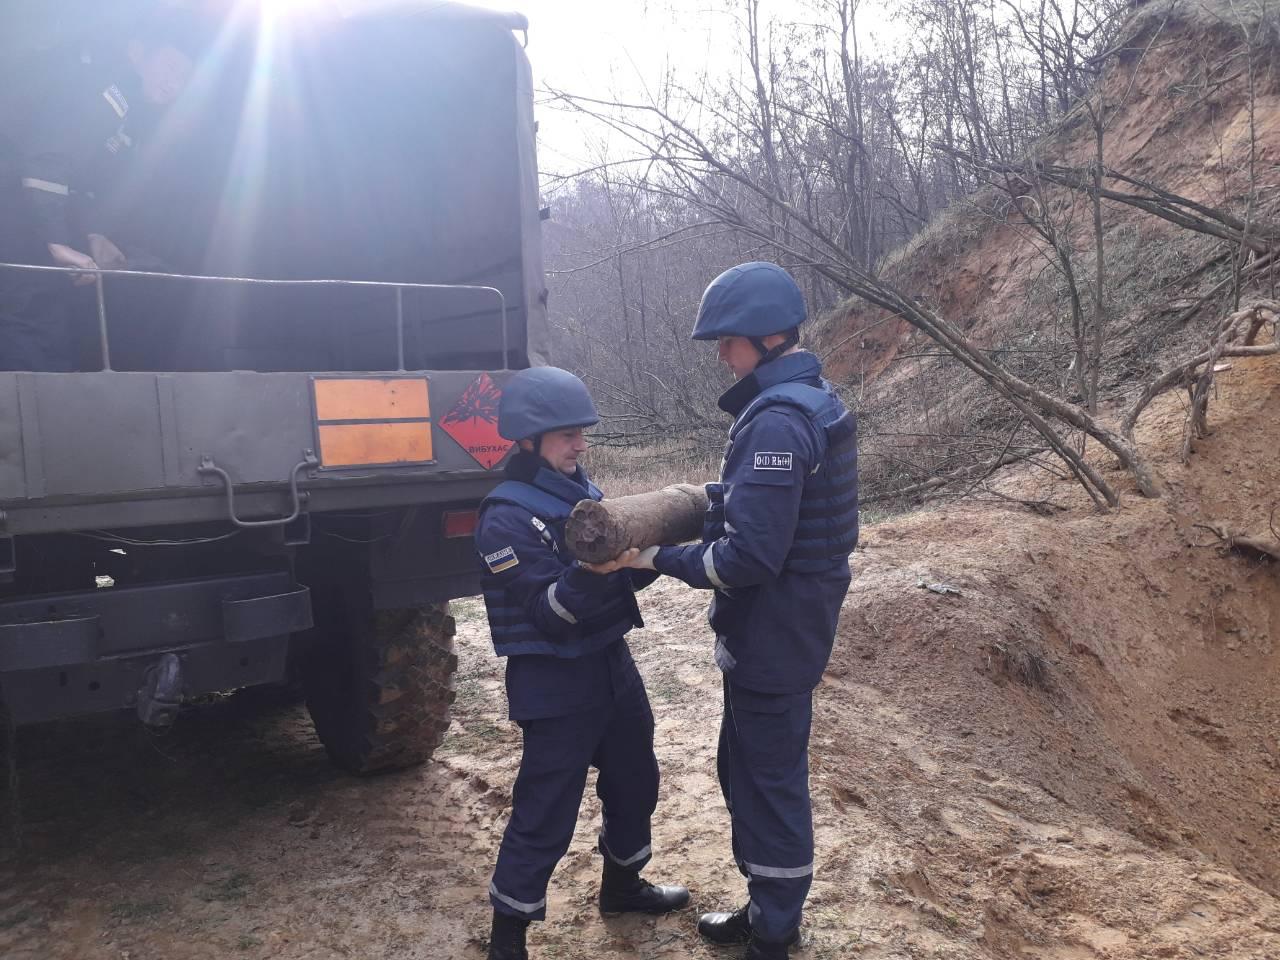 Рятувальники знищили два снаряда, знайдені біля траси Кропивницький-Аджамка. ФОТО - 2 - Життя - Без Купюр